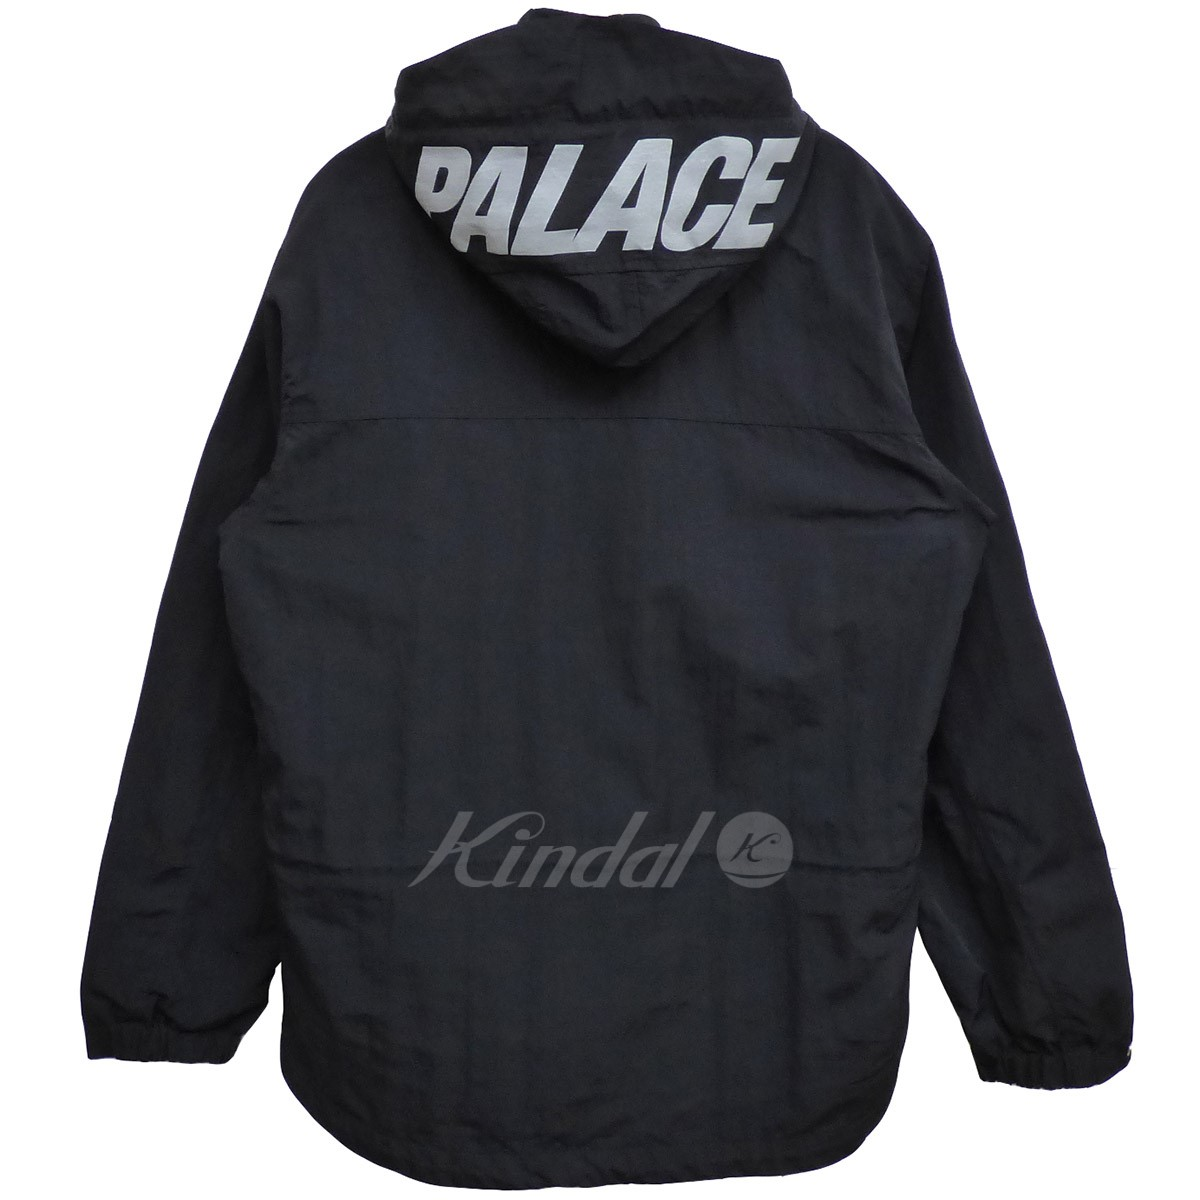 【中古】PALACE 18AW BELLO JACKETナイロンアノラックロングジャケット ブラック サイズ:M 【送料無料】 【110319】(パレス)